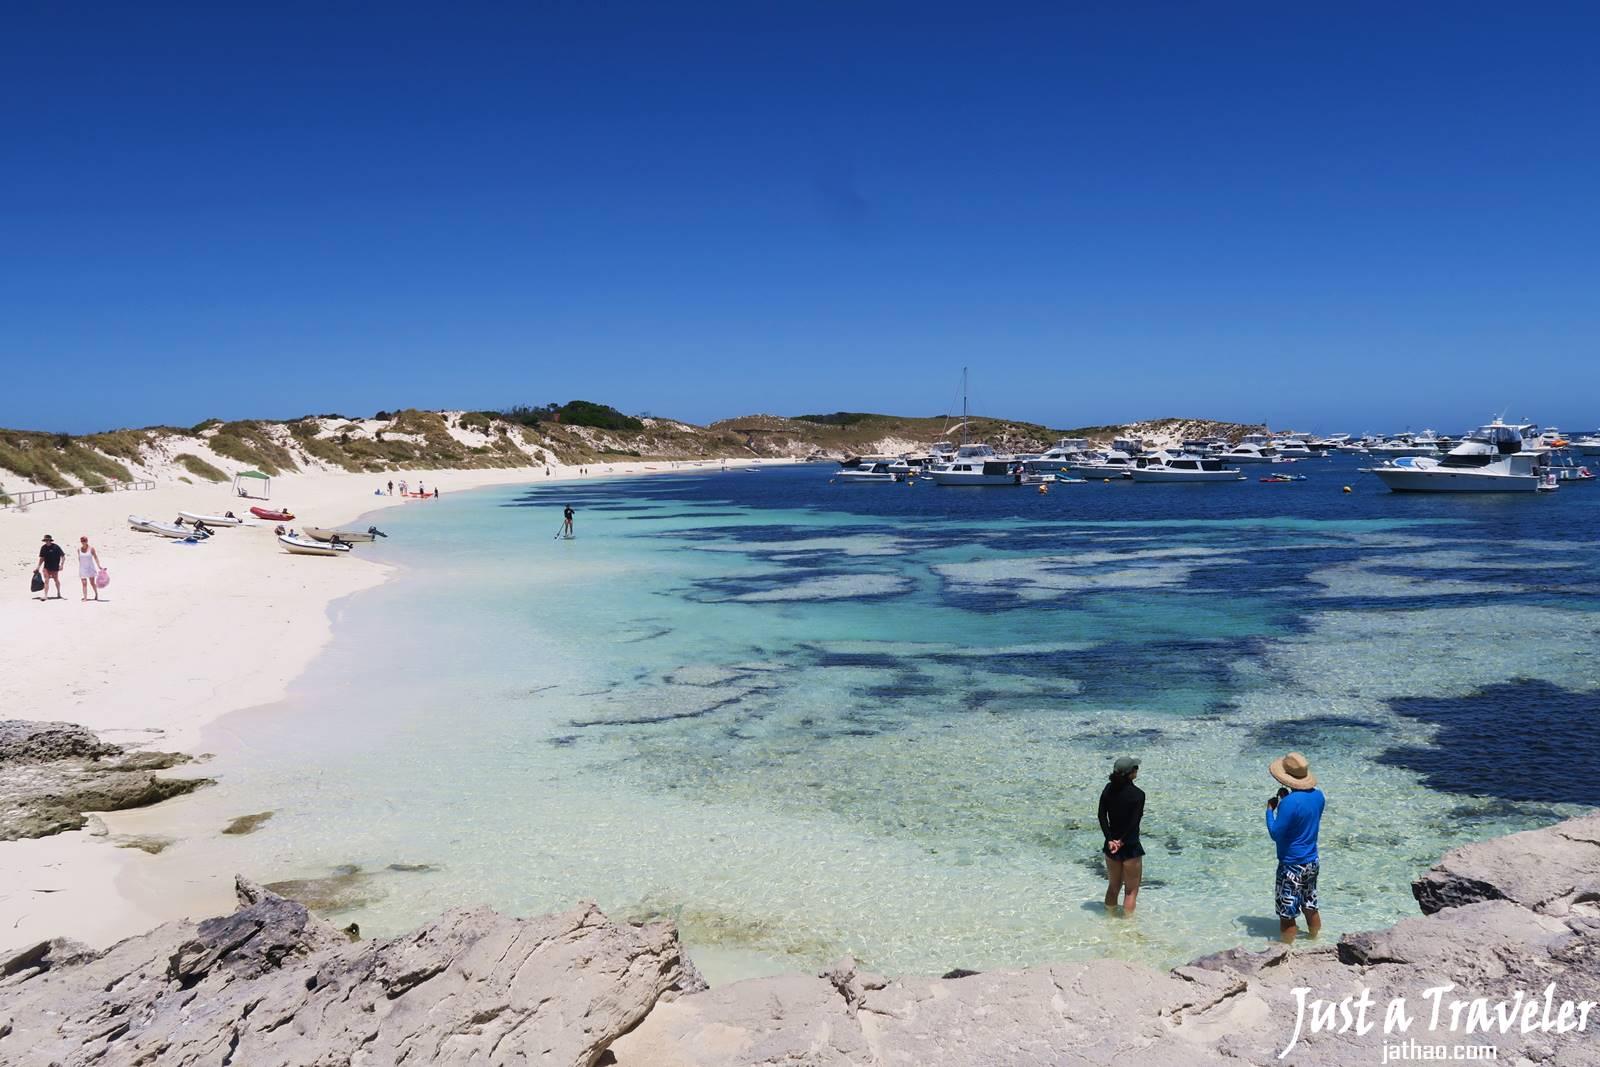 澳洲-伯斯-景點-推薦-羅特尼斯島-Rottnest-Island-必玩-必去-自由行-行程-攻略-旅遊-一日遊-二日遊-Perth-Travel-Tourist-Attraction